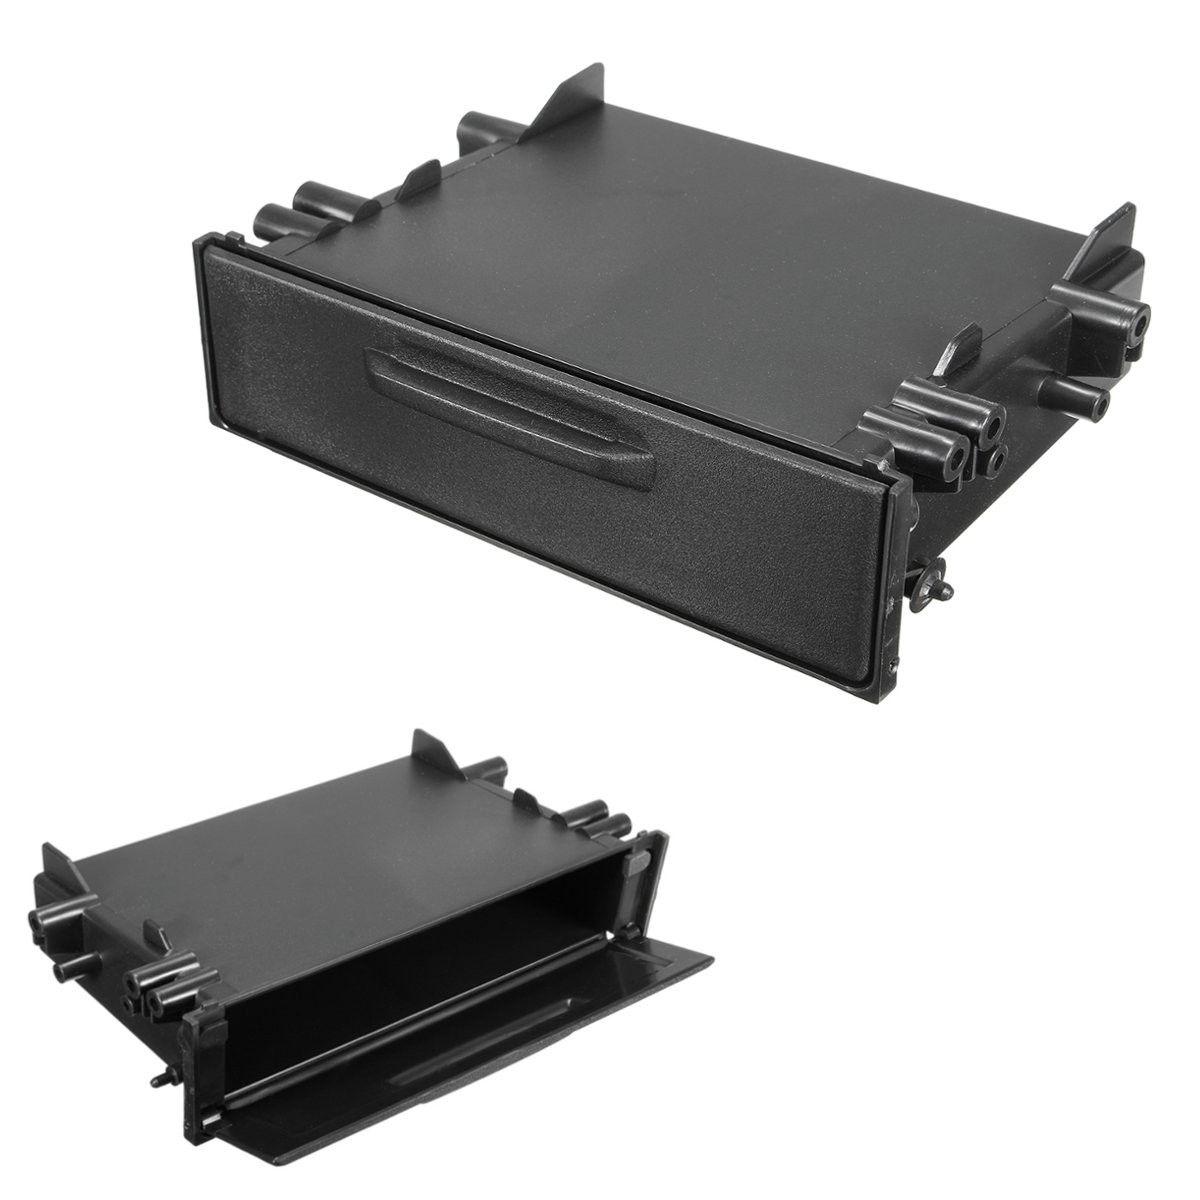 Универсальный Одиночный din Автомобильные CD-плееры Радио стерео Даш отделка Коробка для хранения Организатор Комплект